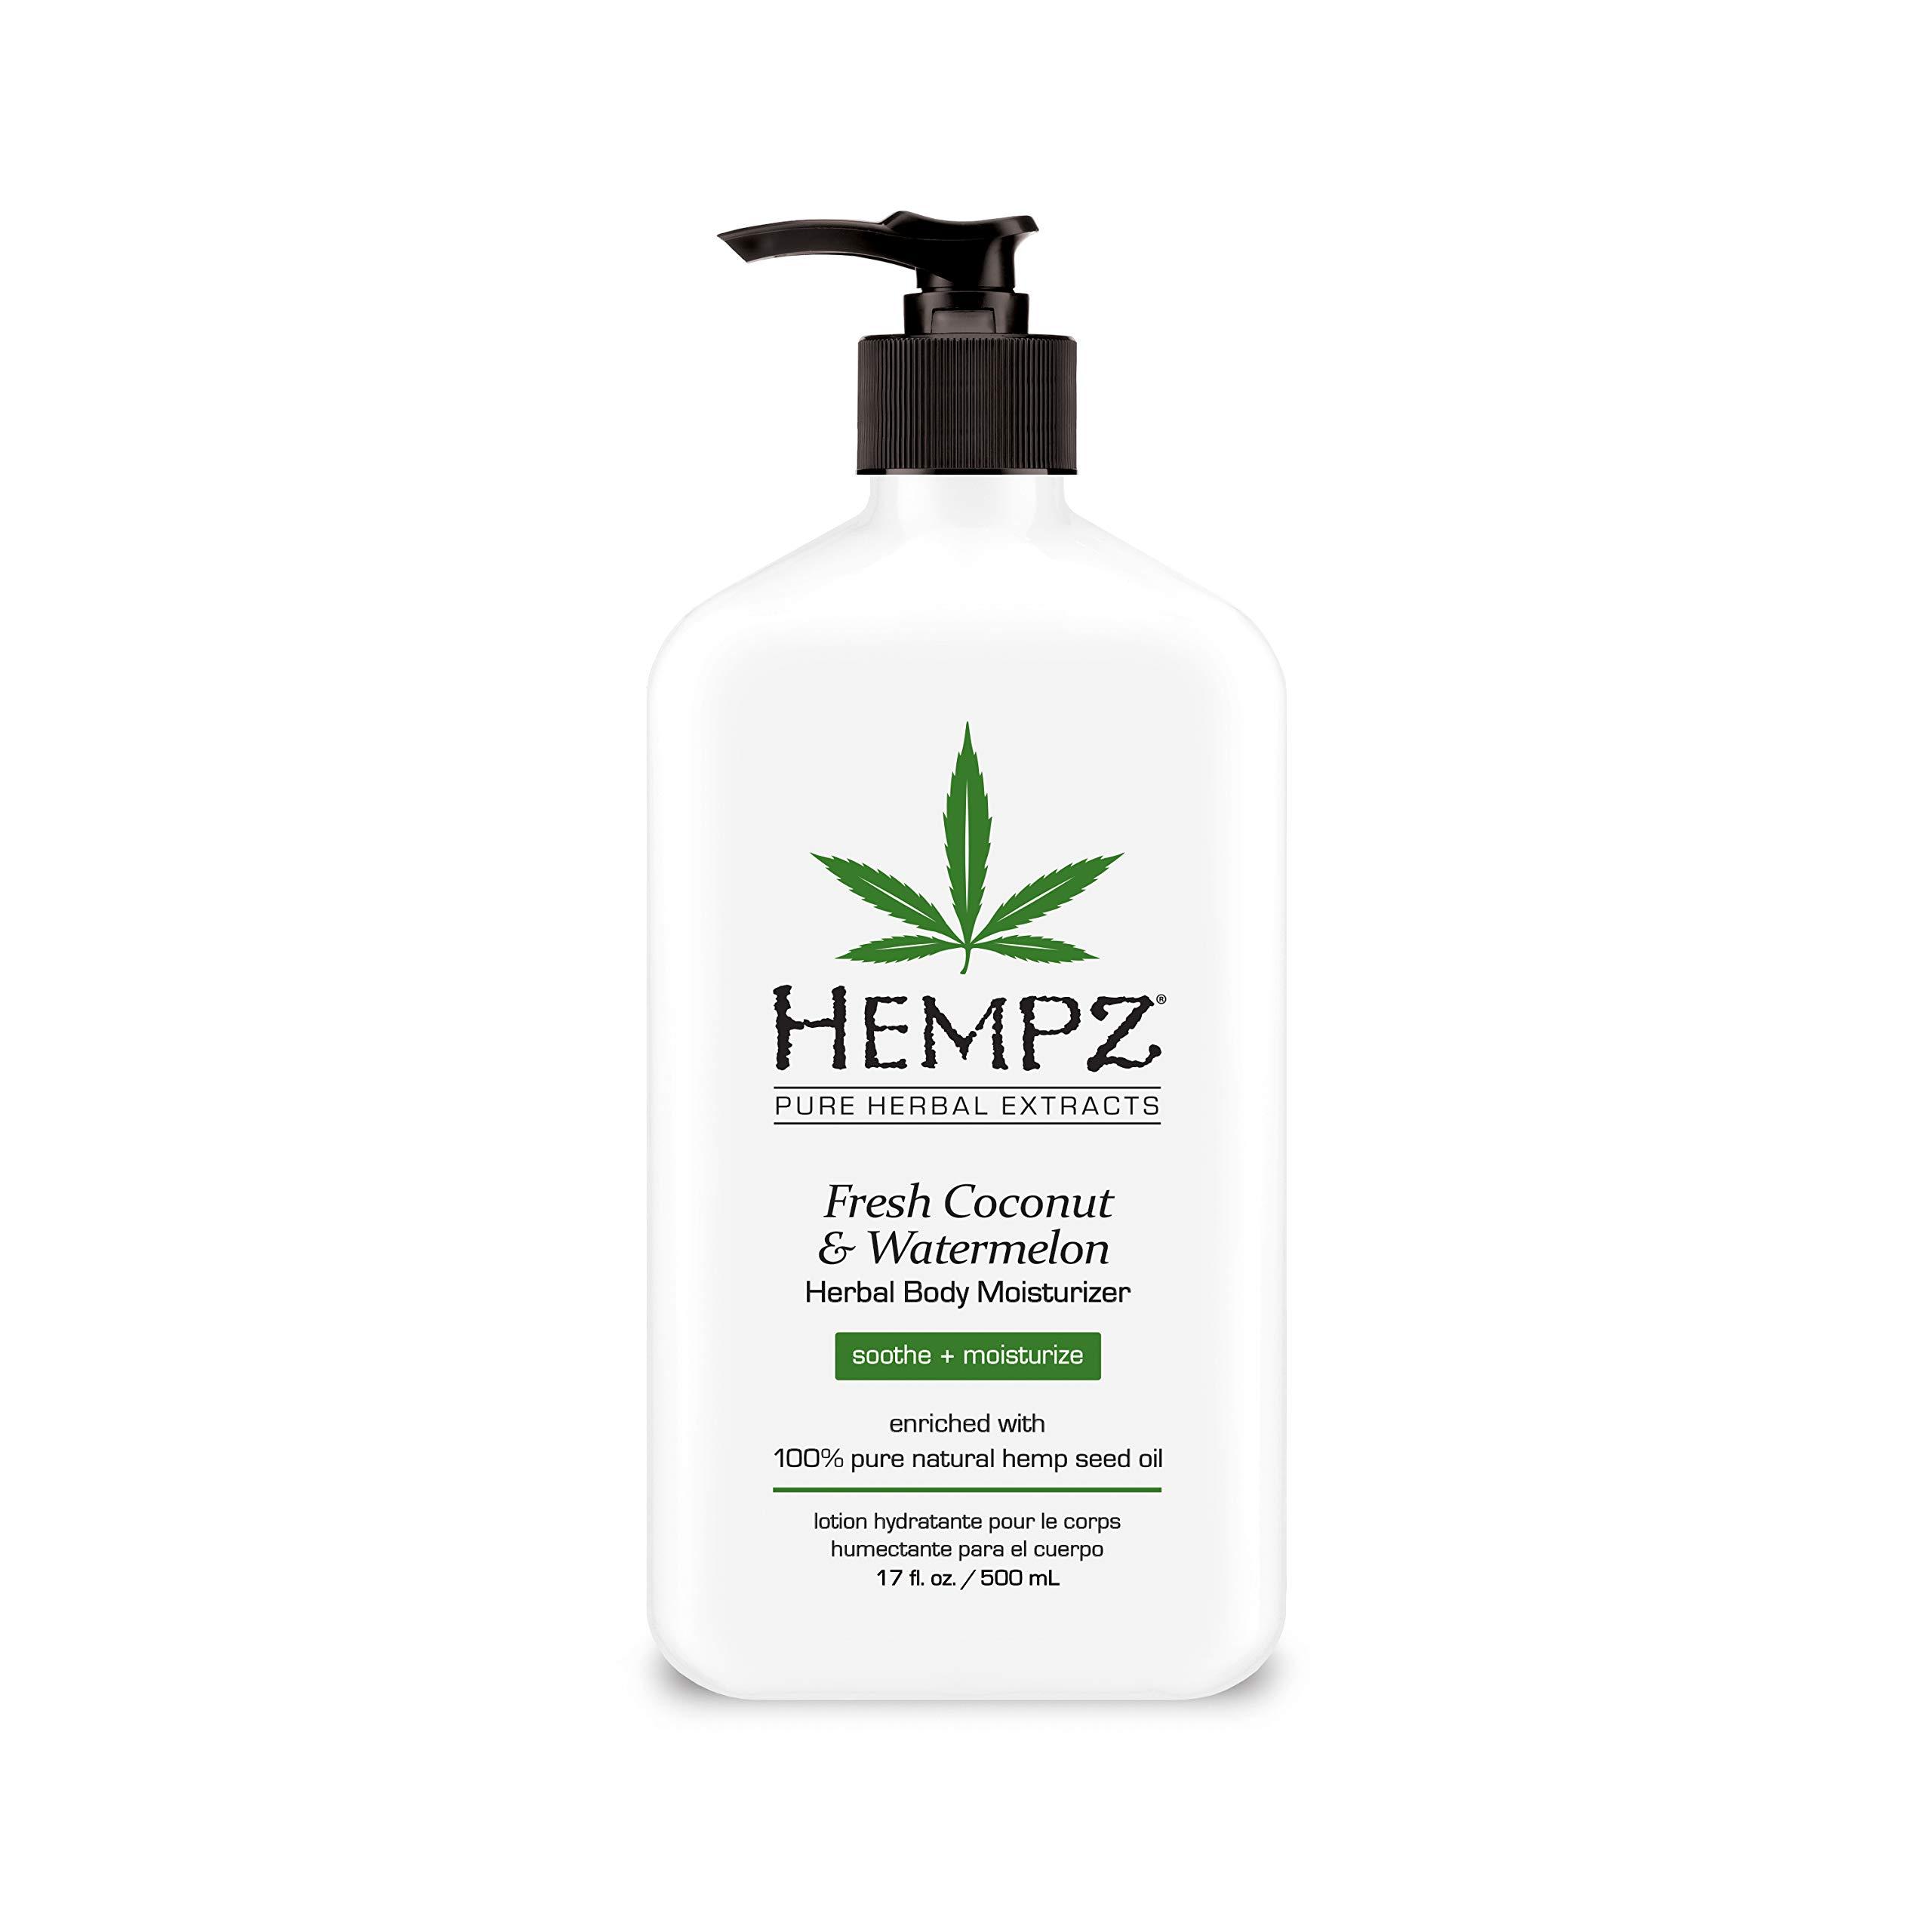 Hempz Natural Herbal Body Moisturizer: Fresh Coconut & Watermelon Moisturizing Skin Lotion, 17 Fl Oz by Hempz